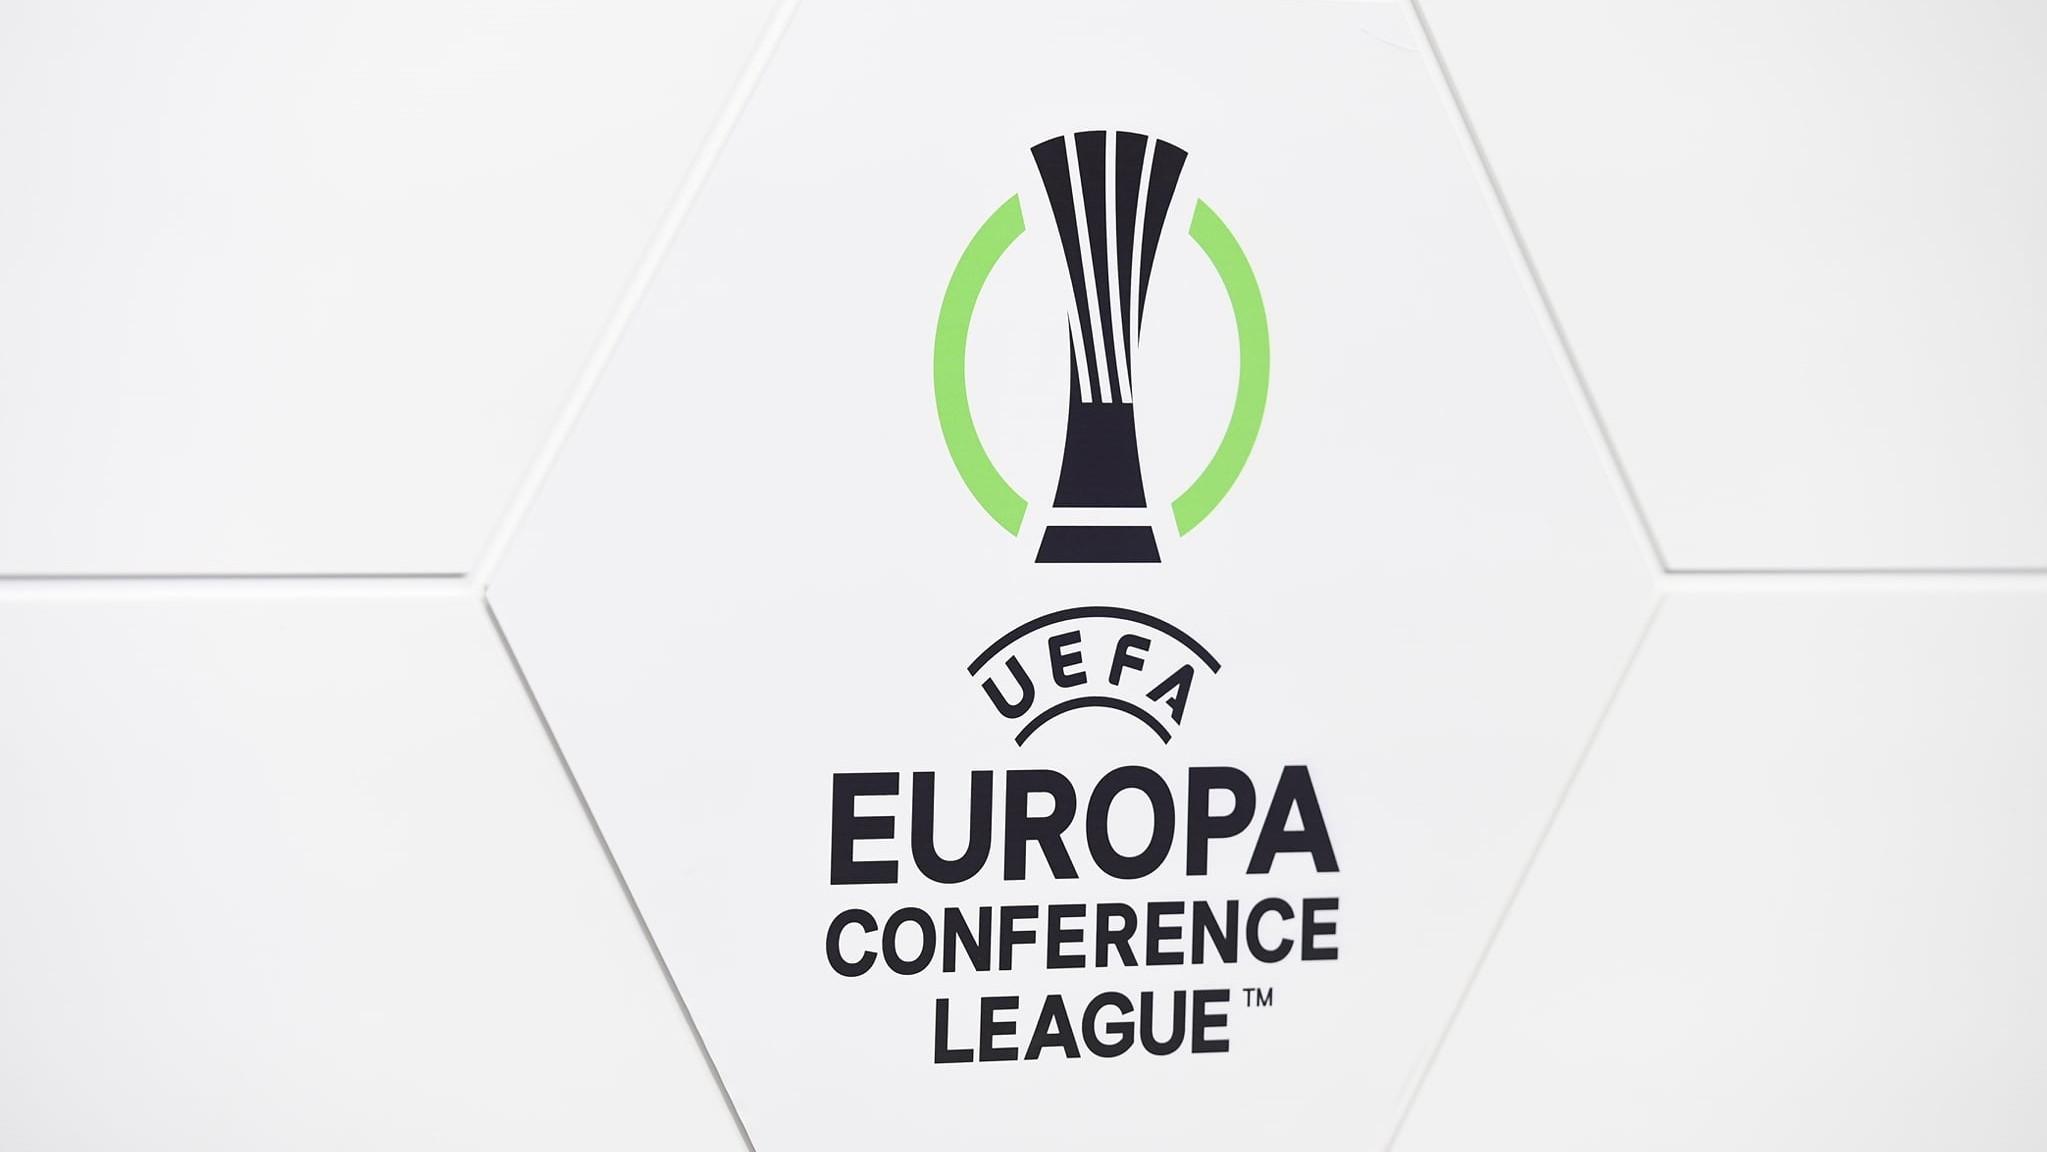 Atgongumerki til Conference League